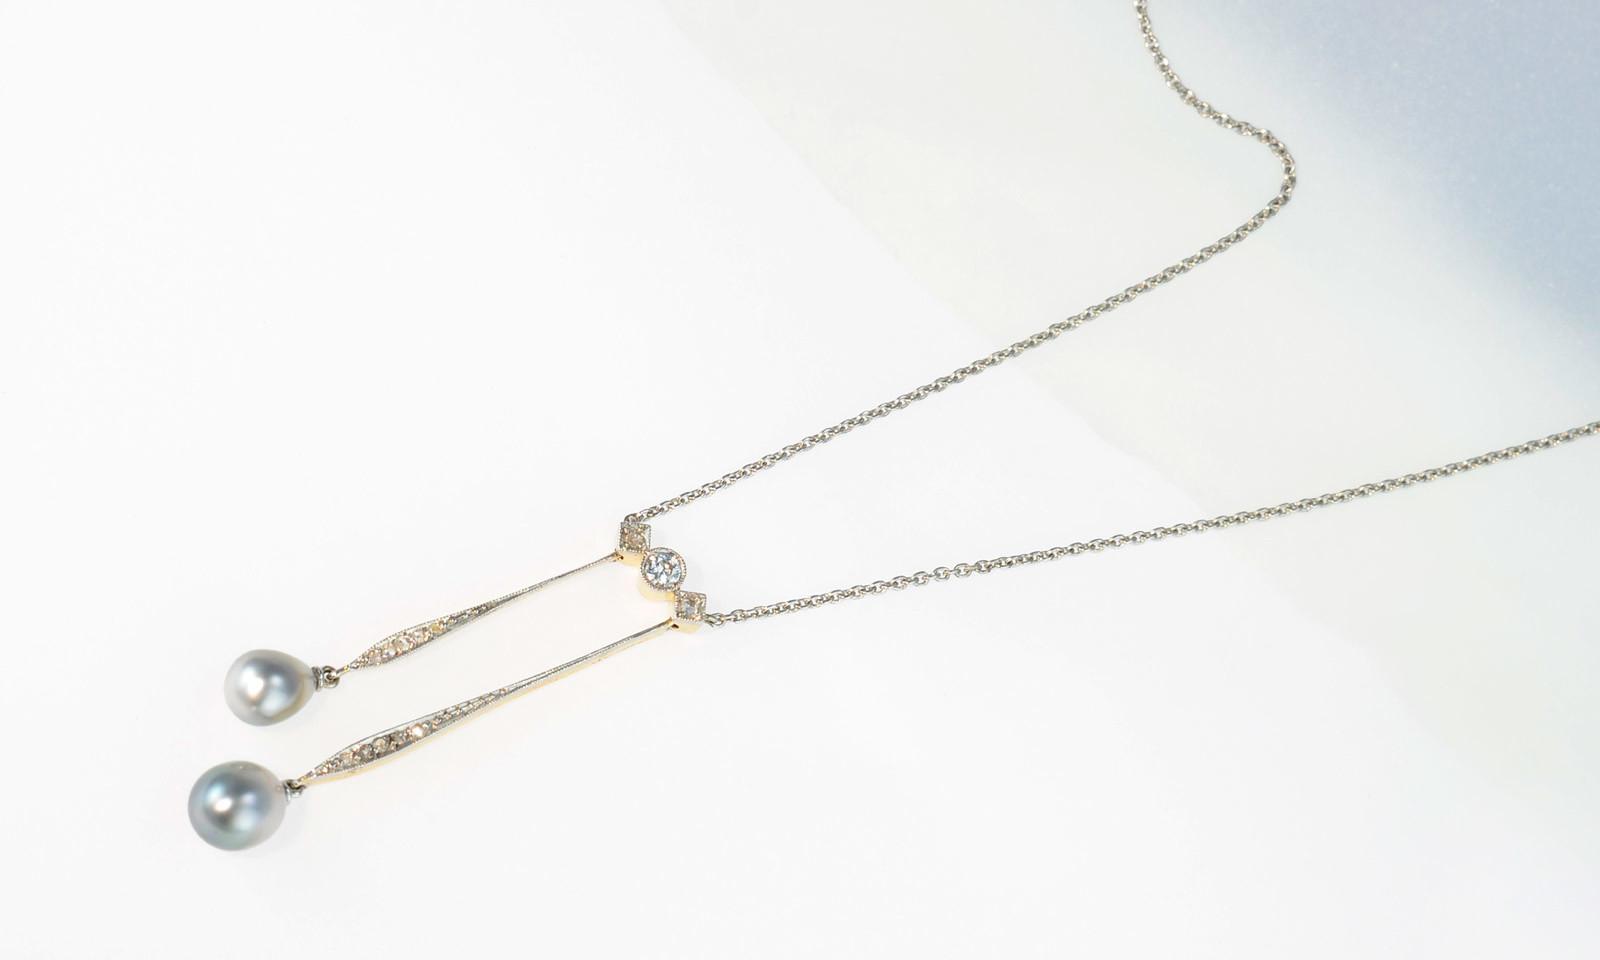 Anhaenger Art Deco Perlen. Negligé-Anhänger Art Déco, um 1920, Platin auf Gelbgold 585, mit Altschliff-Diamanten und Perlen, Kette Platin 950, CHF 2700.-